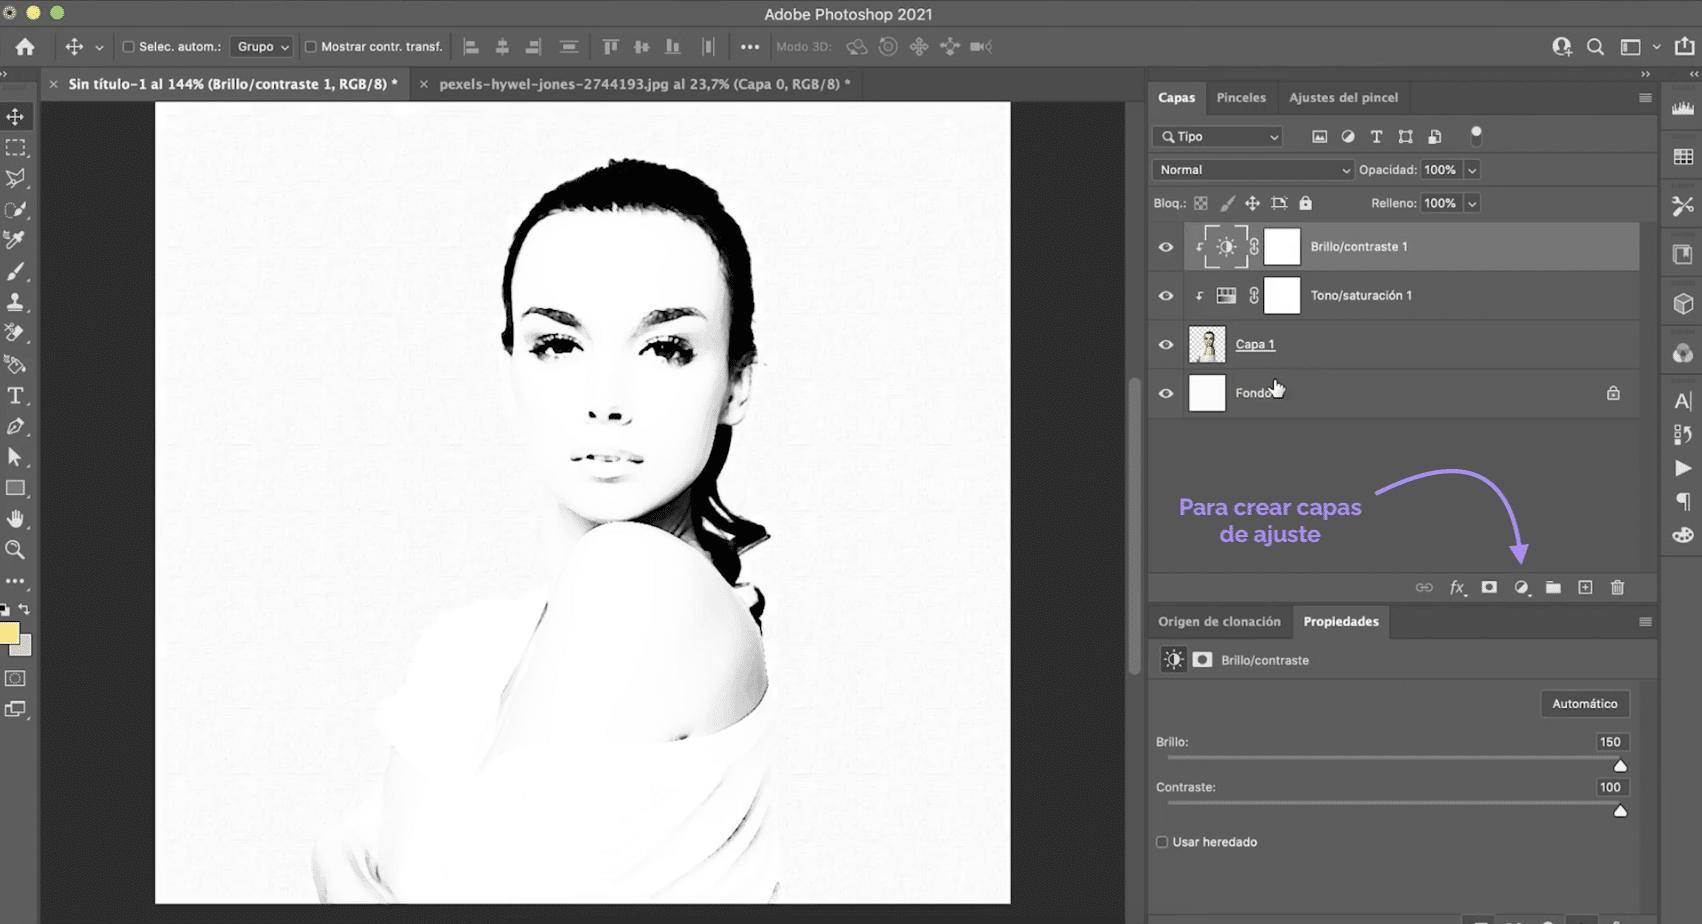 Crear nueva capa de ajuste en Photoshop